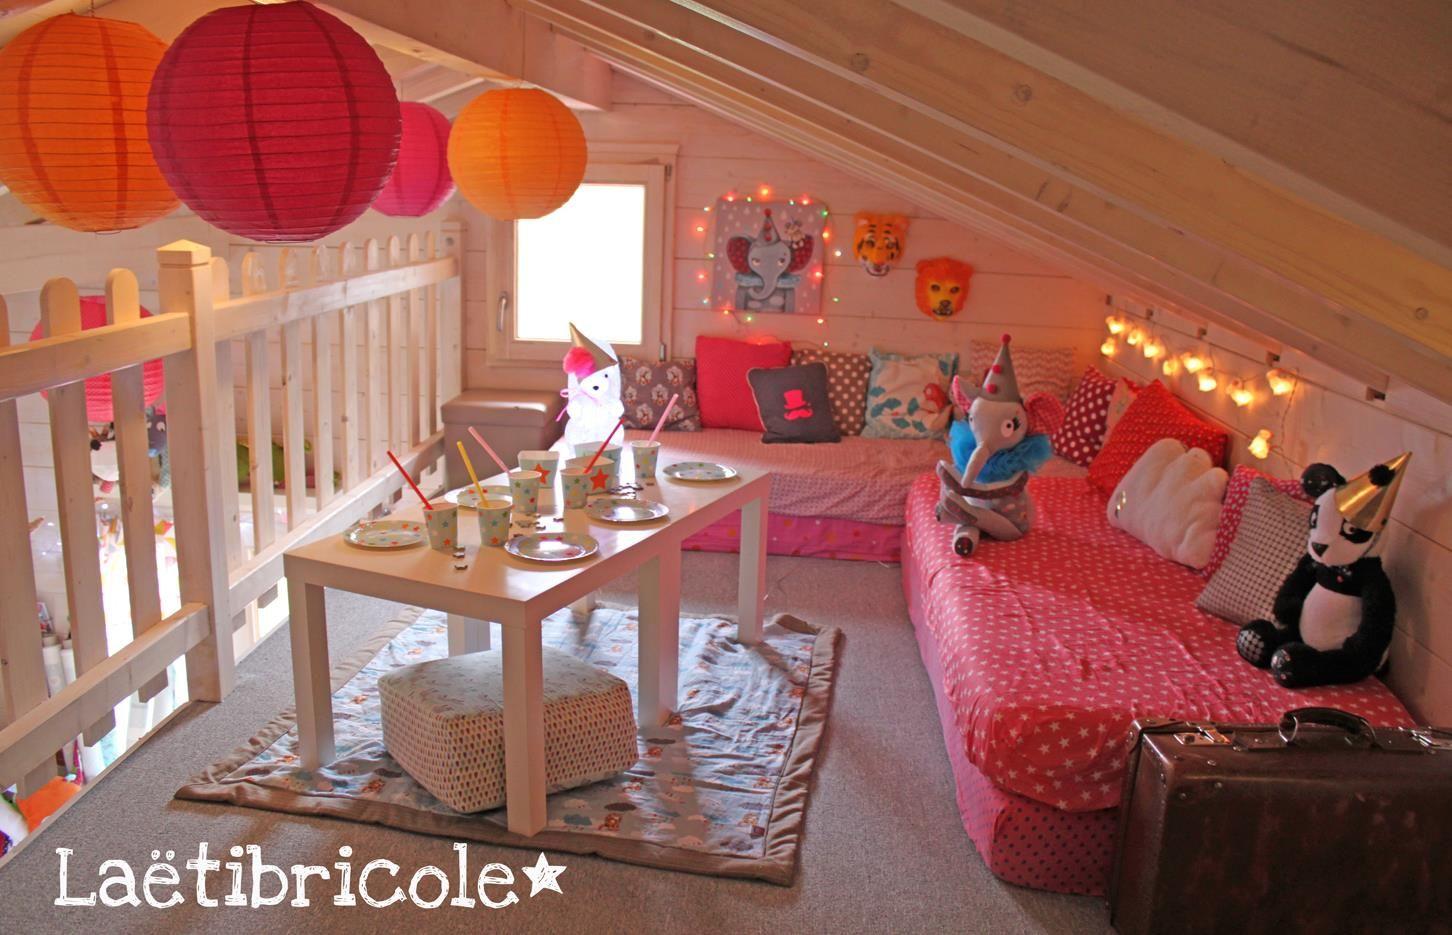 Epingle Par Idee Creative Sur Deco Enfants Kids Salle De